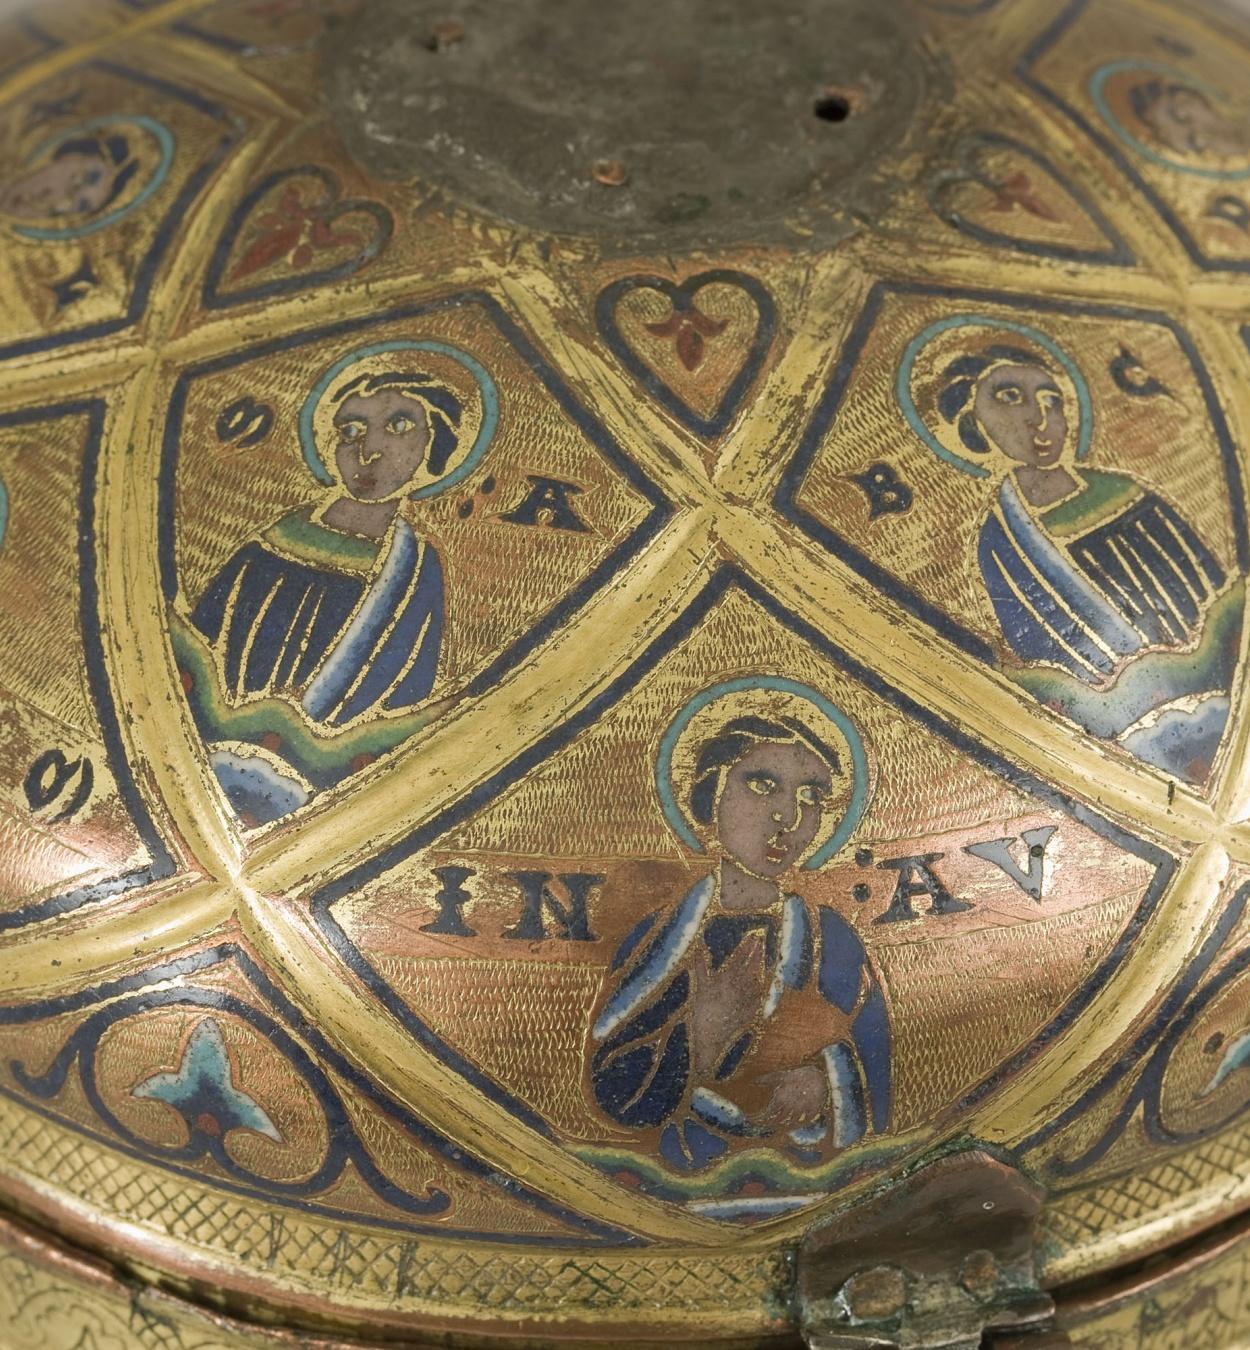 Anònim - Copó de la Cerdanya - Llemotges, cap a 1195-1200 [1]